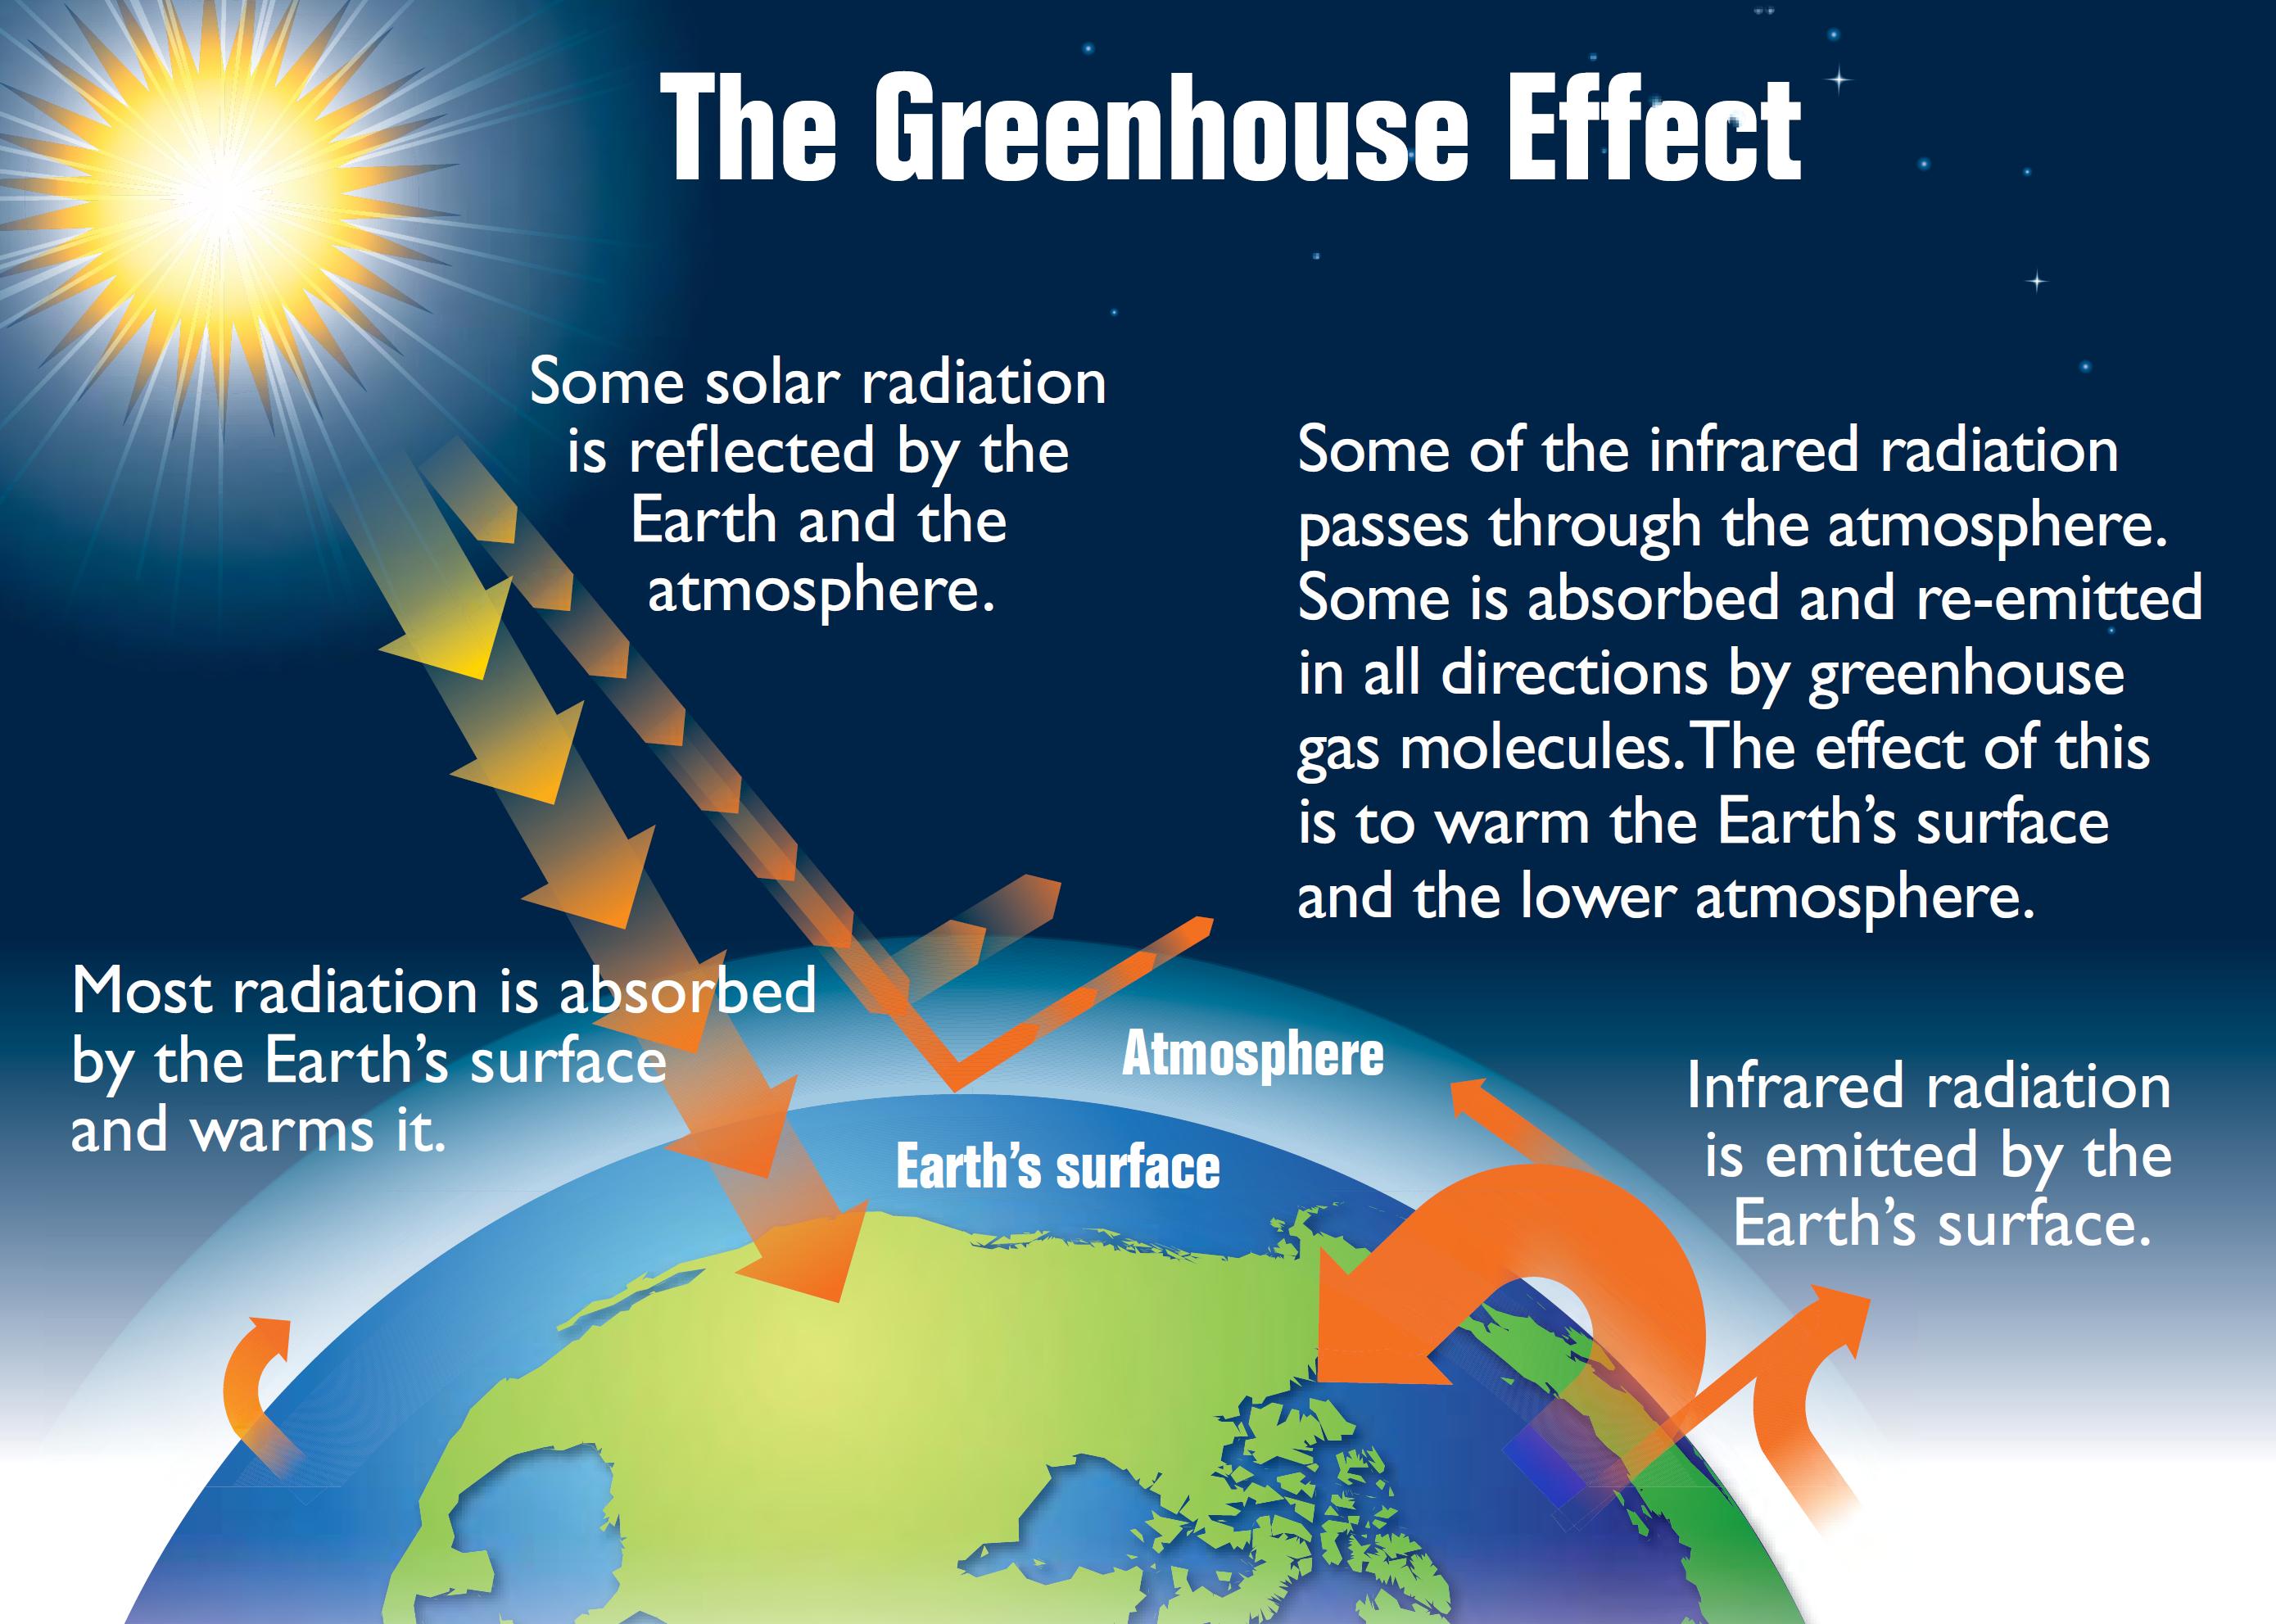 Der Treibhauseffekt: Ein Teil der Sonnenstrahlen wird von der Erde absorbiert, der Rest reflektiert und zurück in den Weltraum geworfen. Die so genannten Treibhausgase halten einen Teil der Energie, die eigentlich zurückgestrahlt werden würde, in der Atmosphäre. Sie wirken also wie eine Bettdecke, die dafür sorgt, dass die warme Luft darunter nicht entweicht. Grafik: US EPA